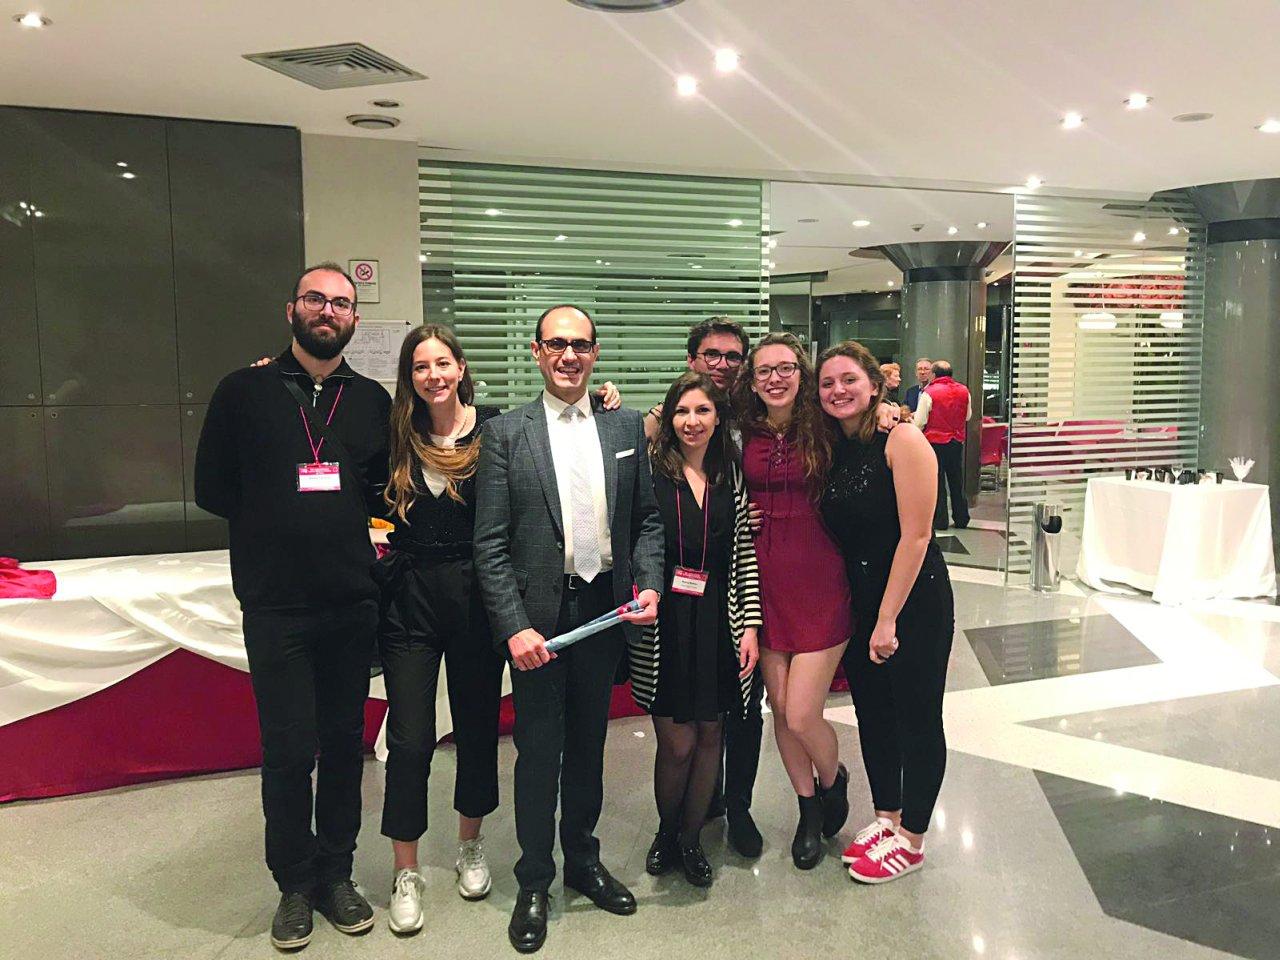 I giovani che hanno partecipato al Congresso del Collegamento a Cosenza.